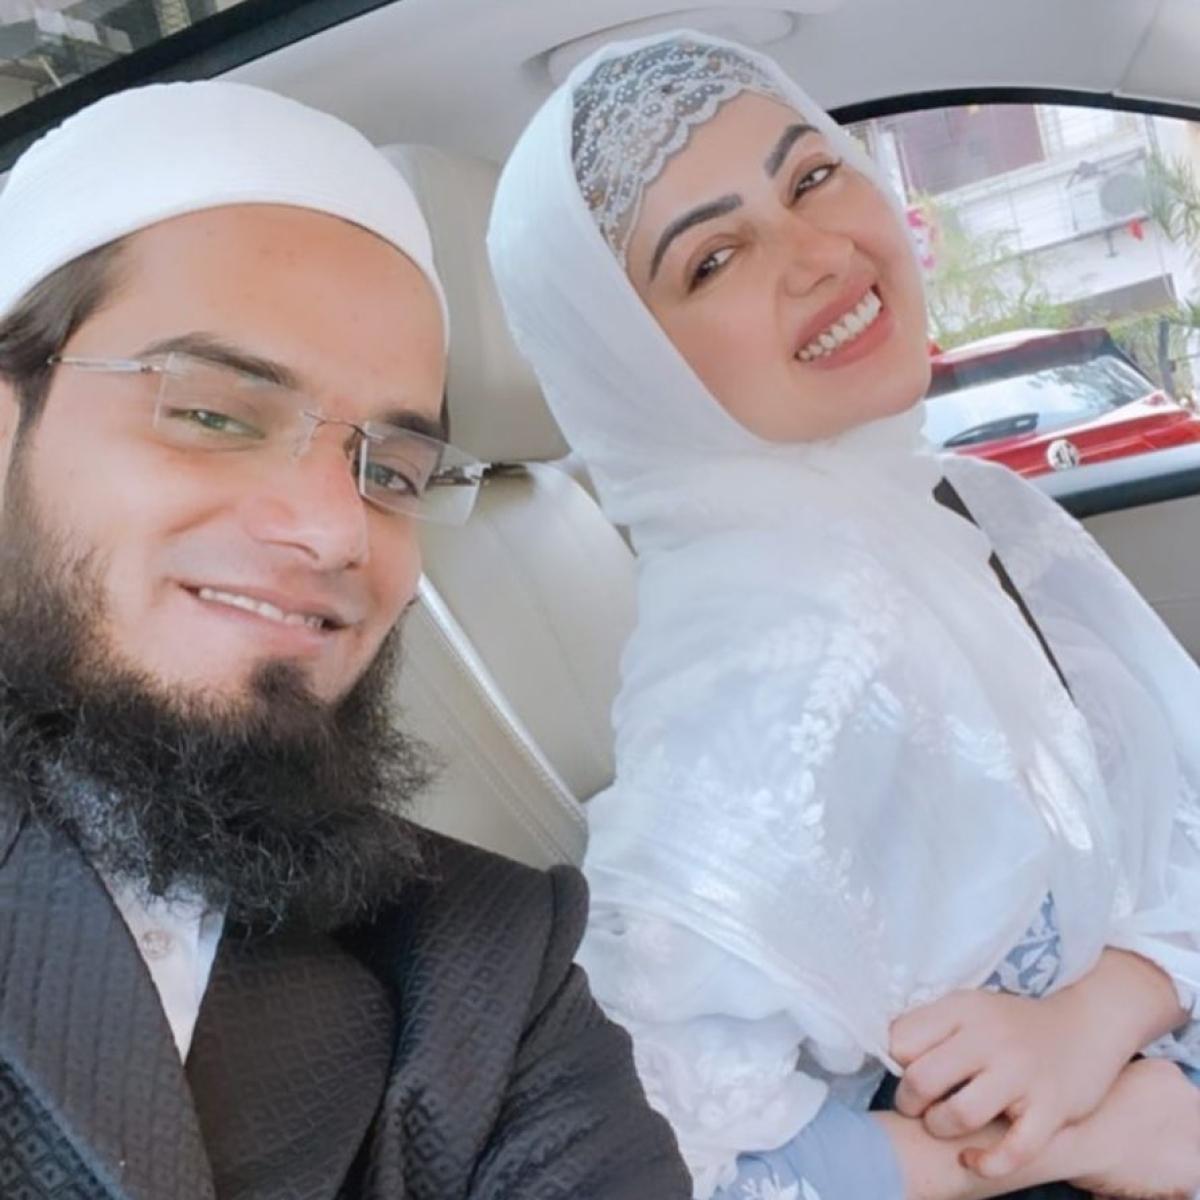 'Yeh chhoti soch ke log hain': Sana Khan's husband Anas Saiyed says he never forced her to quit showbiz